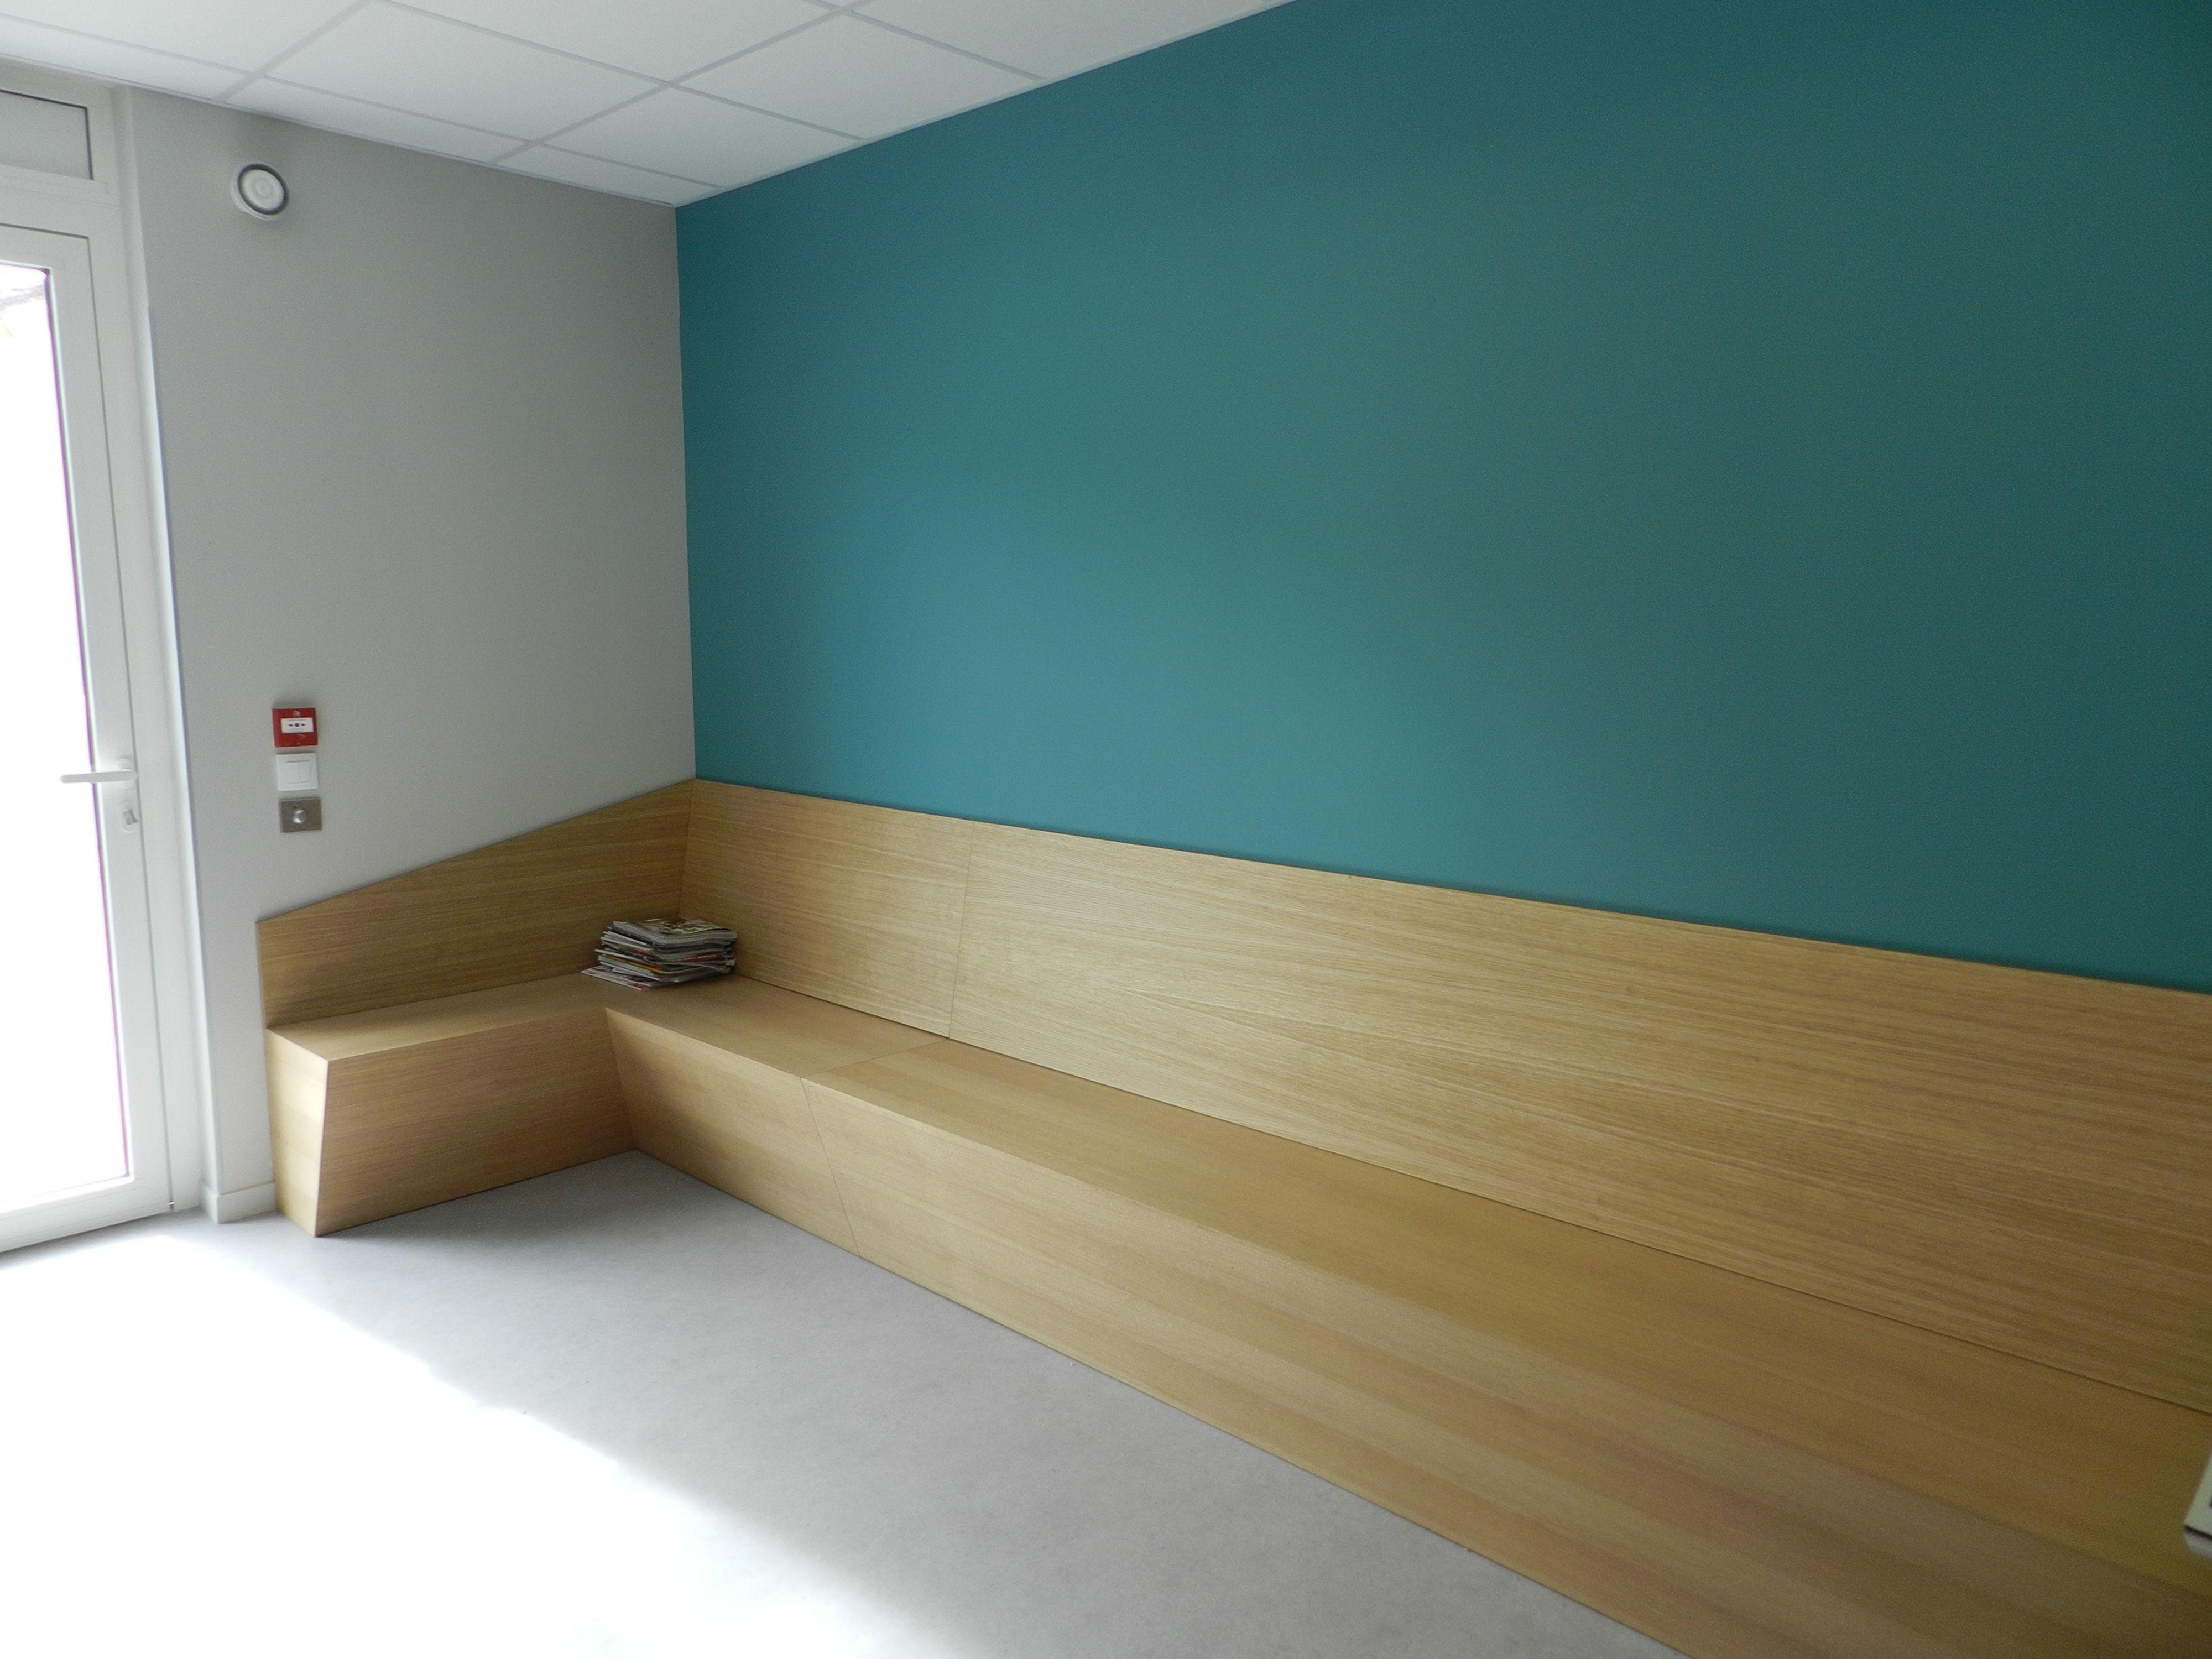 Banque D Accueil Du Pole Medical Gradignan Banc Bois Chene Bleu Decor Amenagement Interieur Salle D Attente Decor Salle D Attente Cabinet Osteopathie